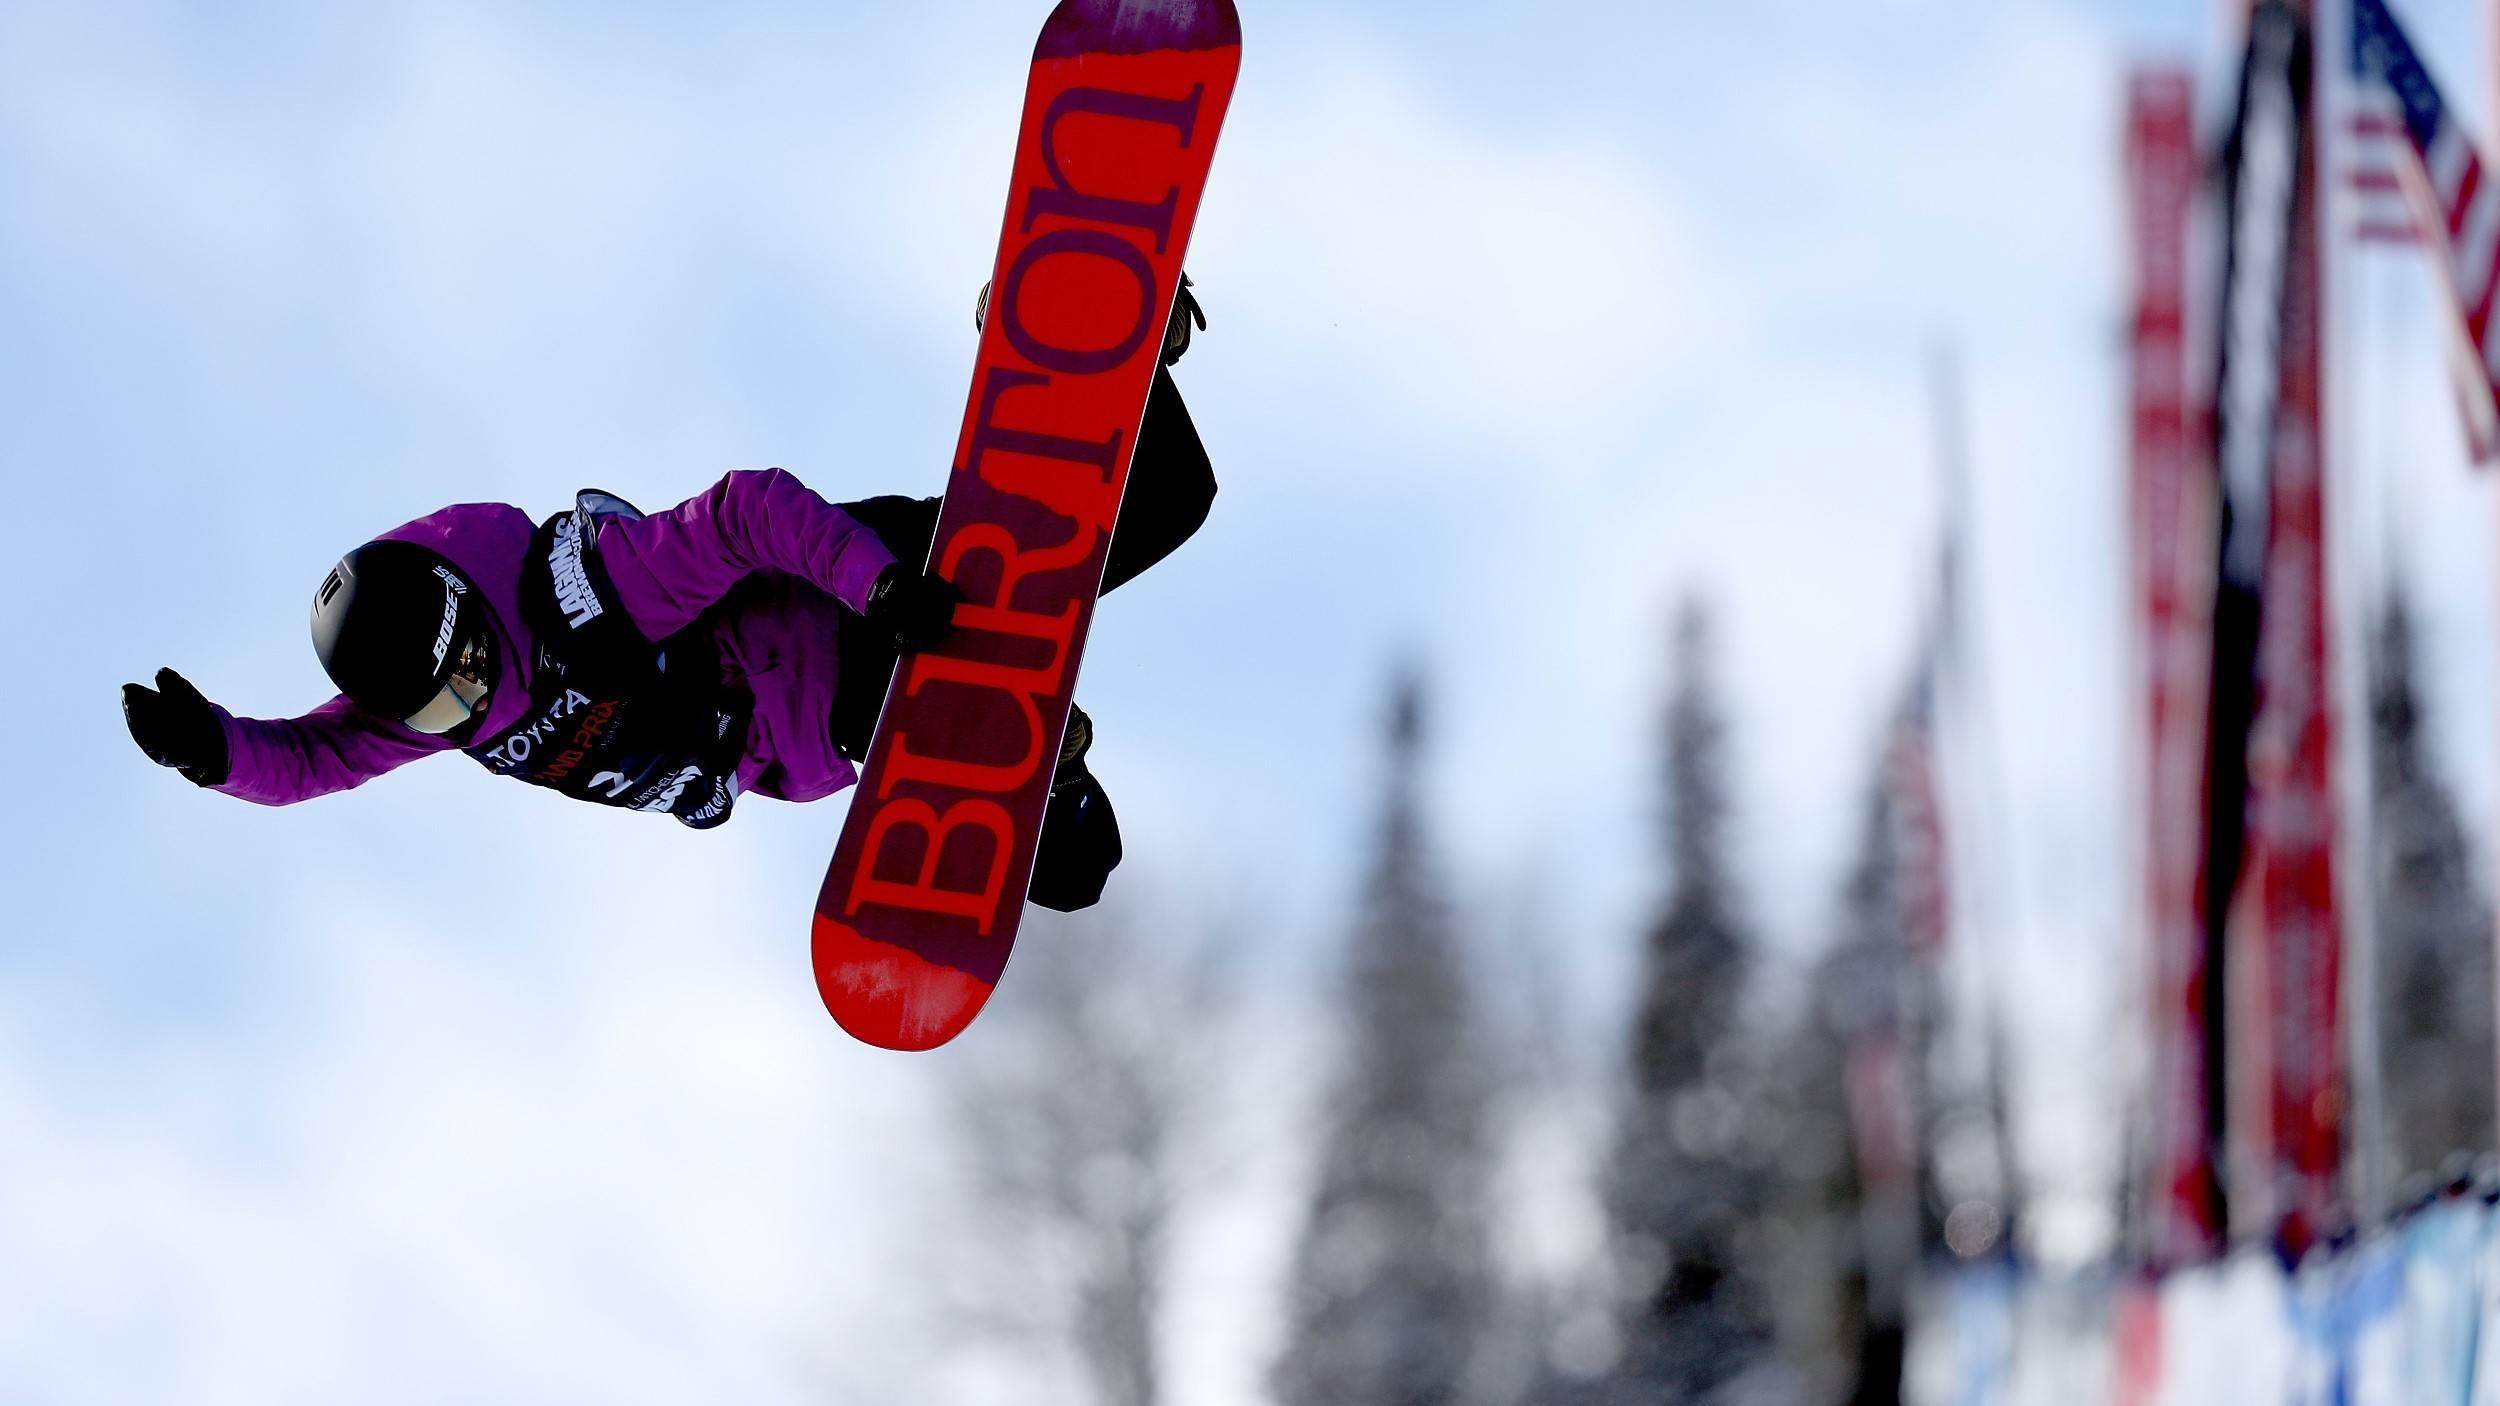 7成人每年只滑一次雪,Burton如何做大市场?